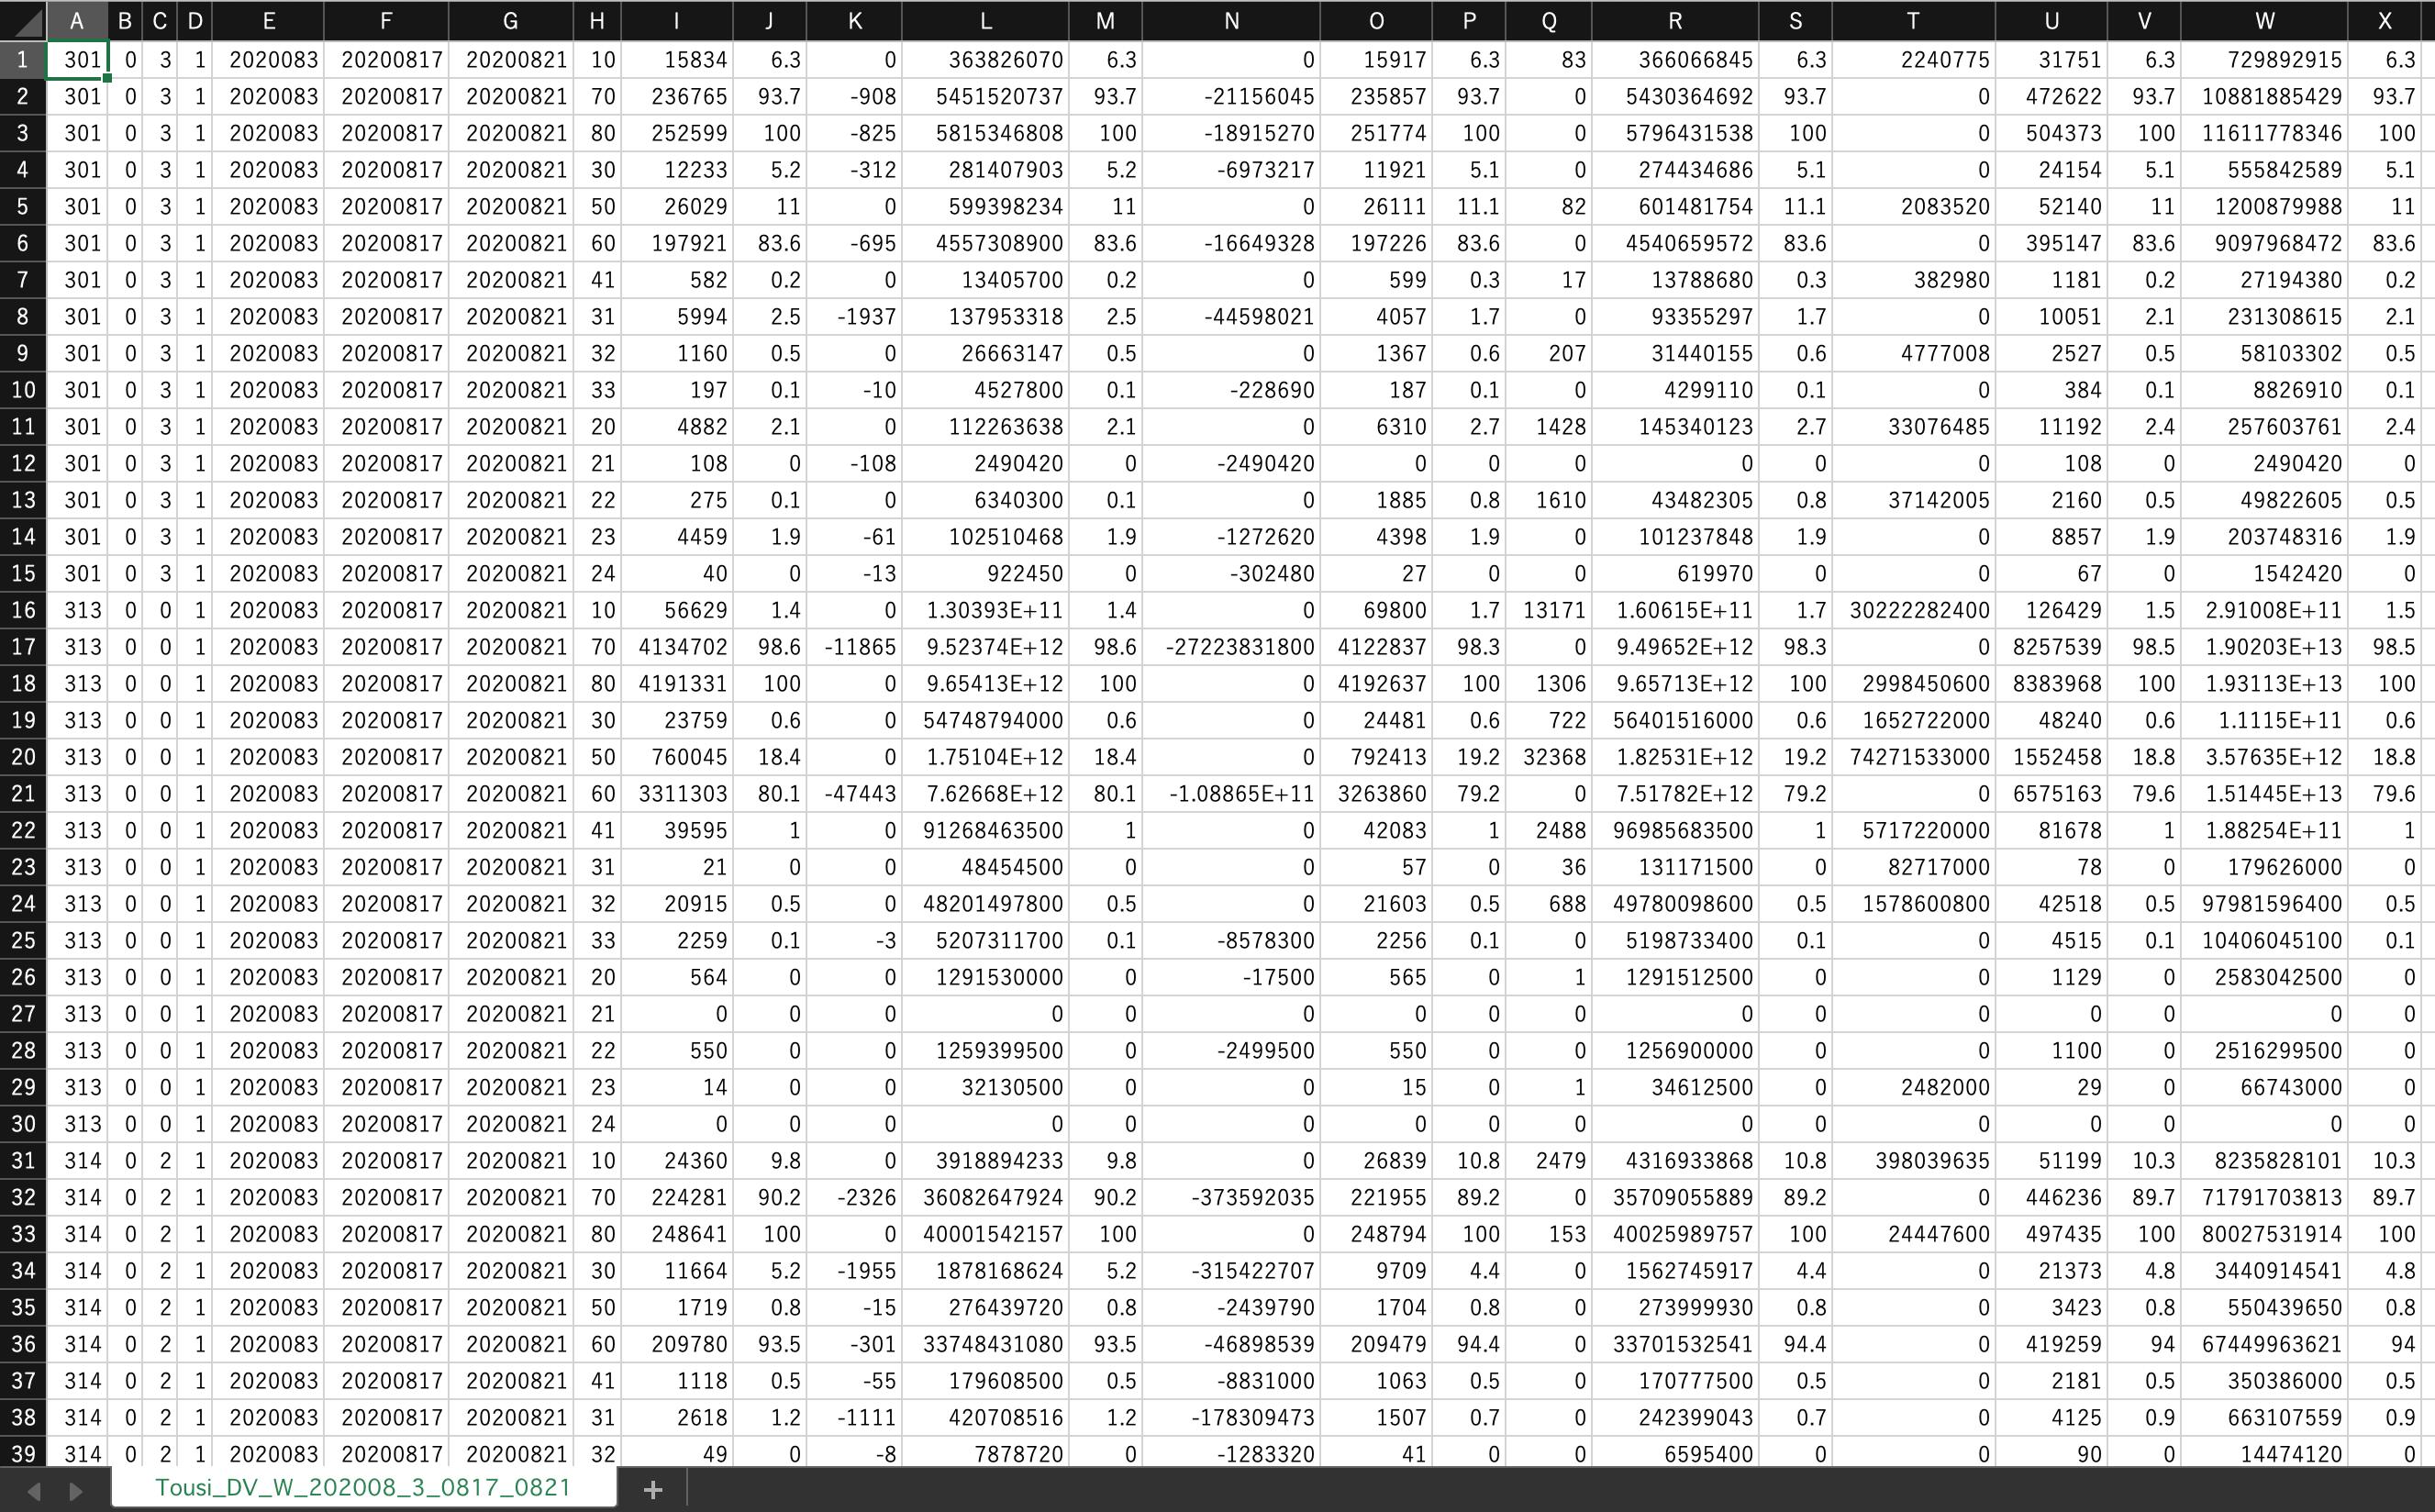 投資部門別取引状況エクセル